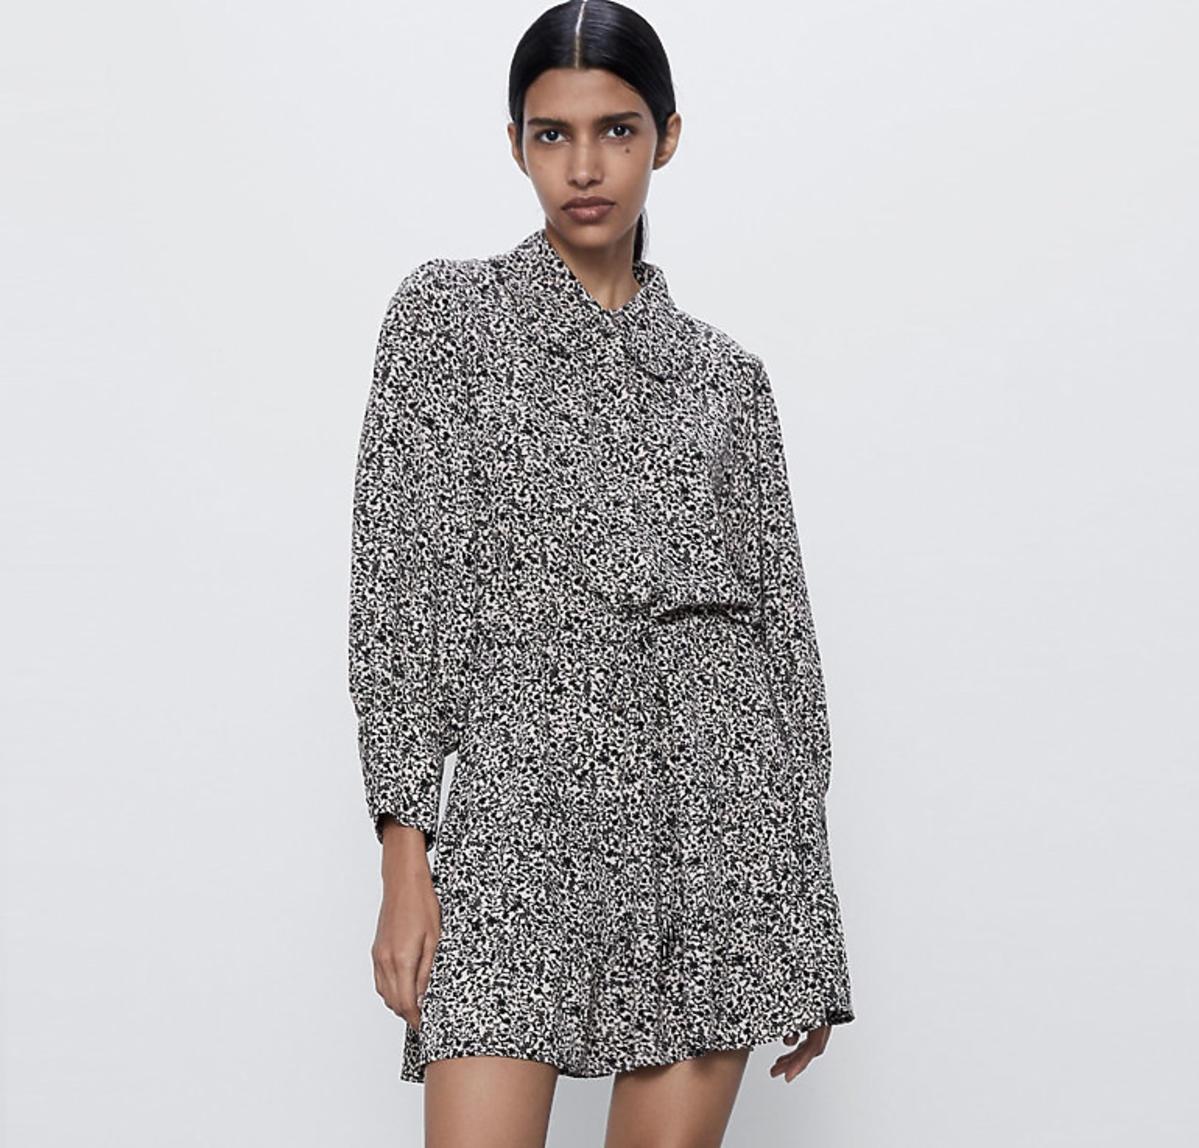 Zara, sukienka z bufiastymi rękawami, 139 zł